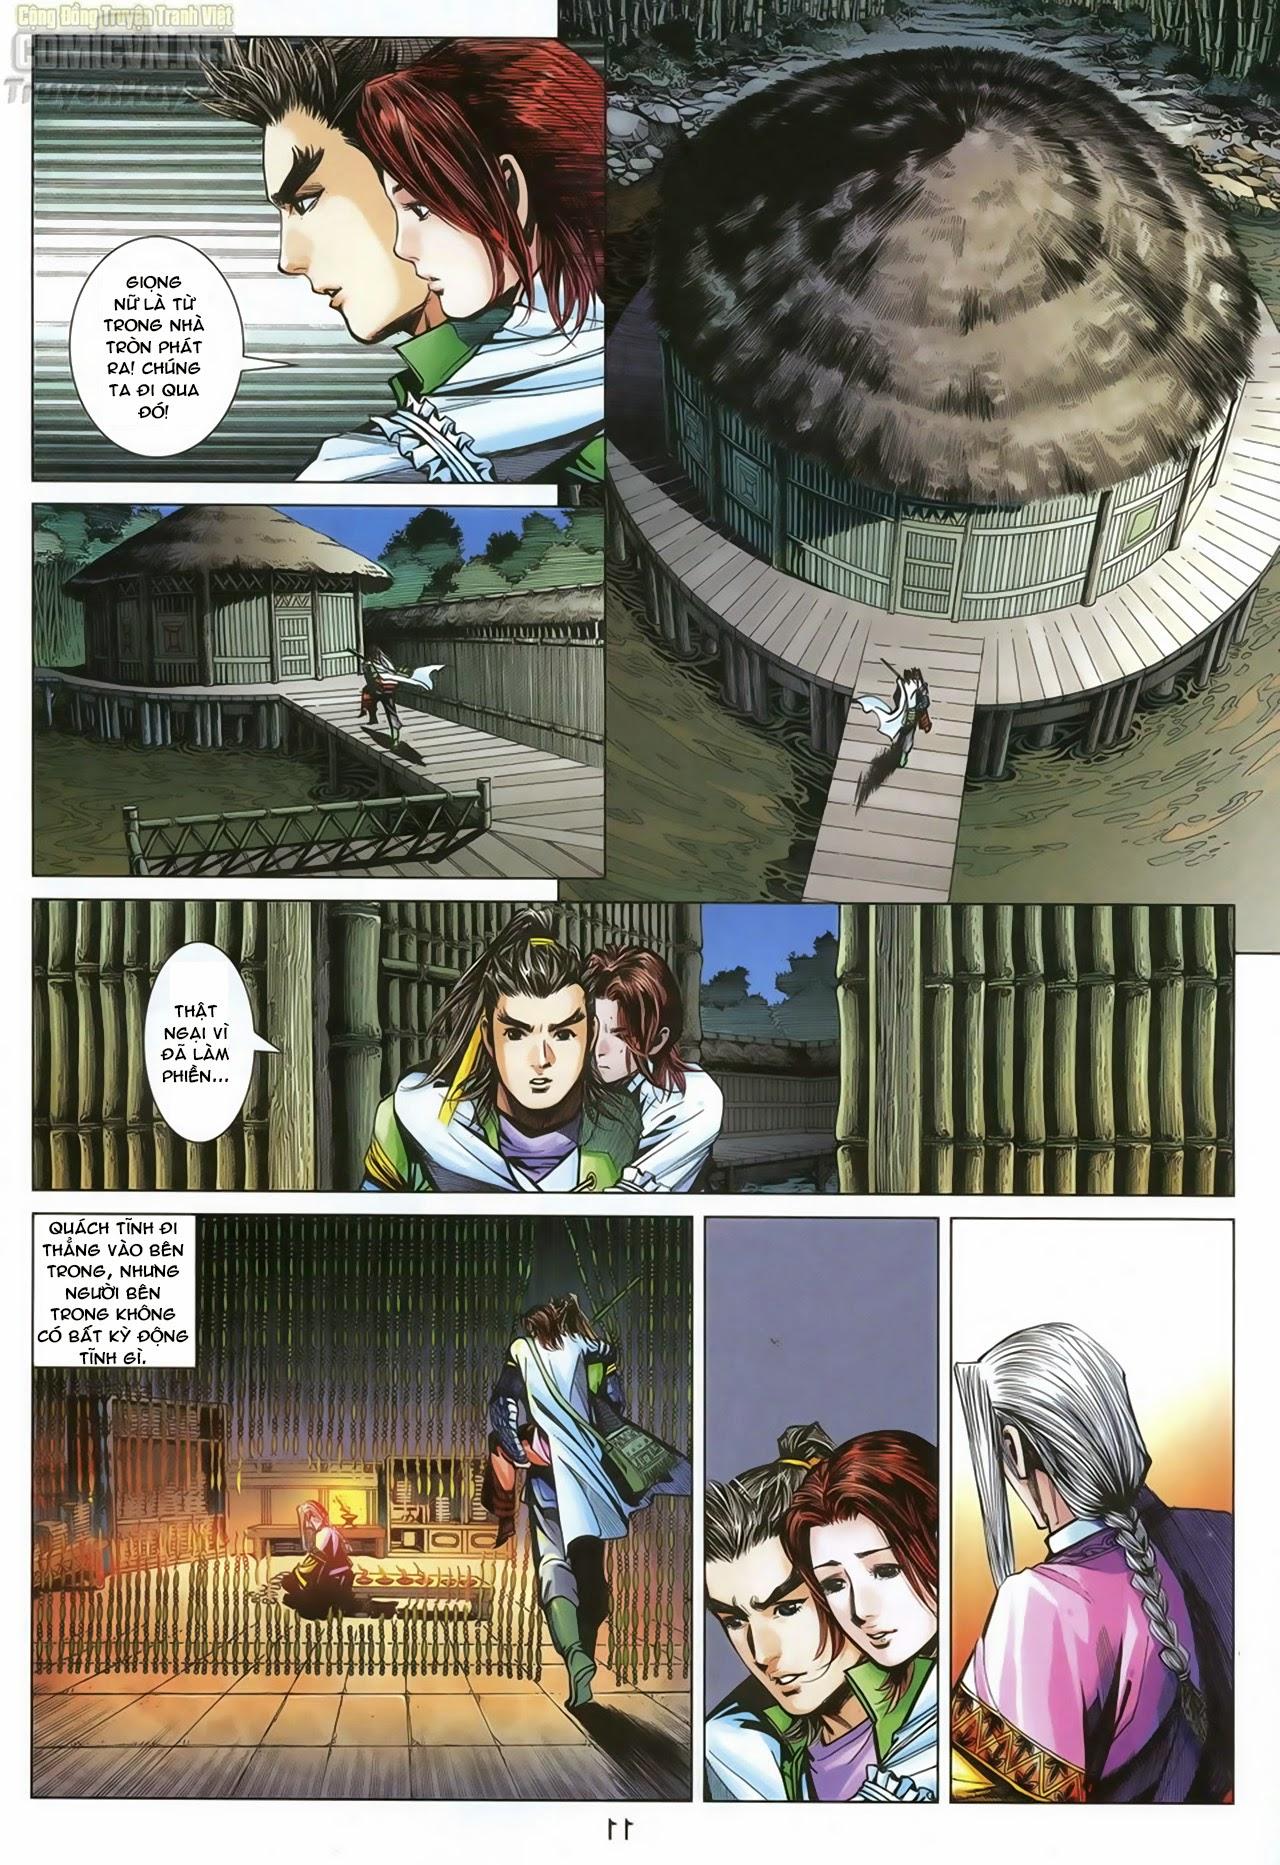 Anh Hùng Xạ Điêu anh hùng xạ đêu chap 70: hắc chiểu ẩn nữ trang 12